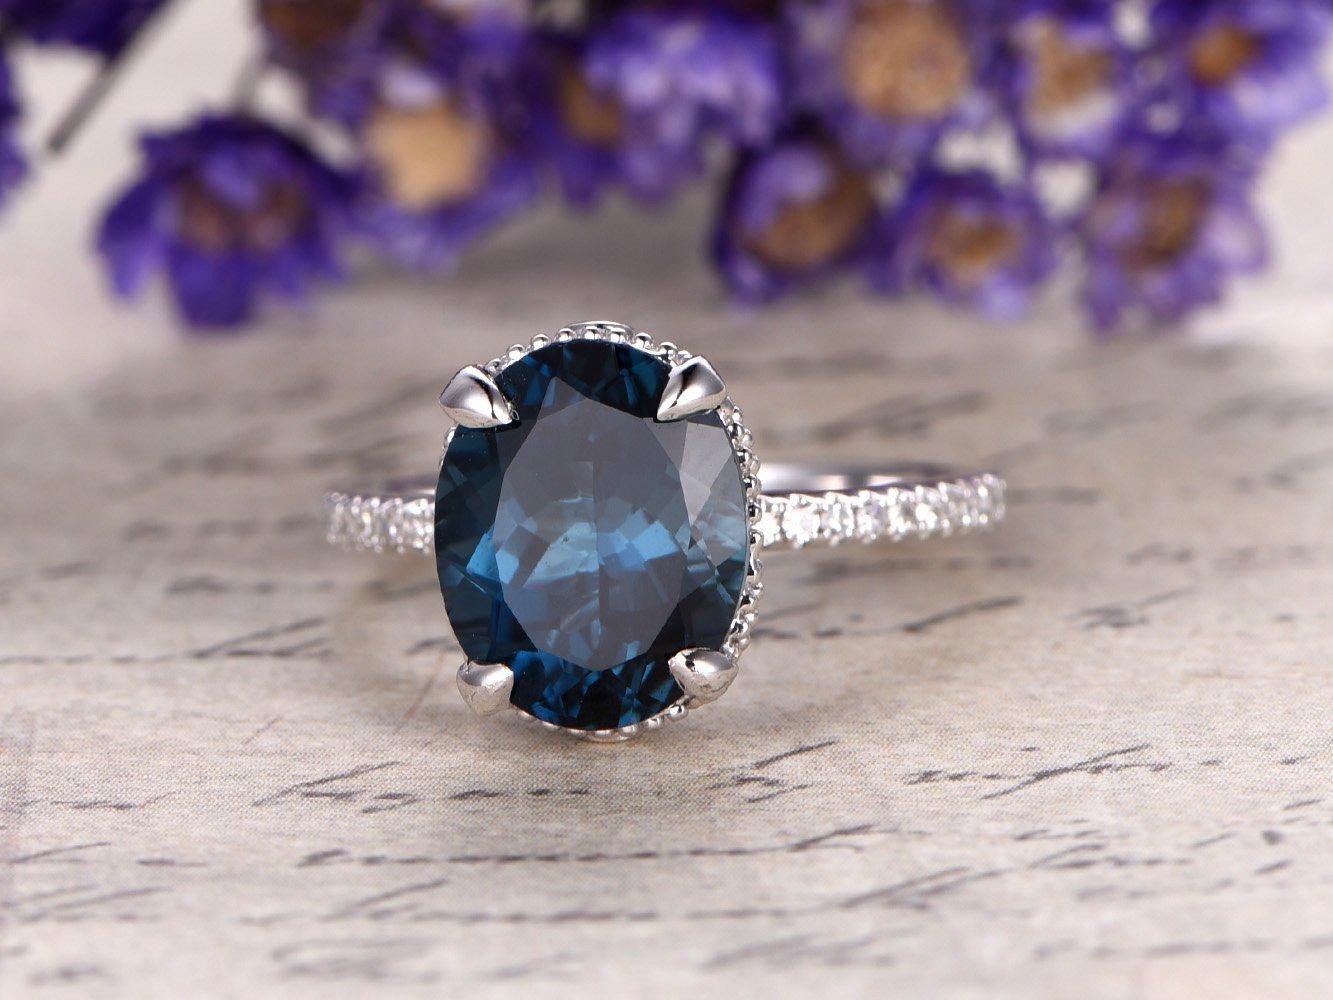 Natural Golden Topaz RingSterling Silver Golden Topaz RingBeautiful Ring for herGift for herGolden Topaz Ring for bridesmaid